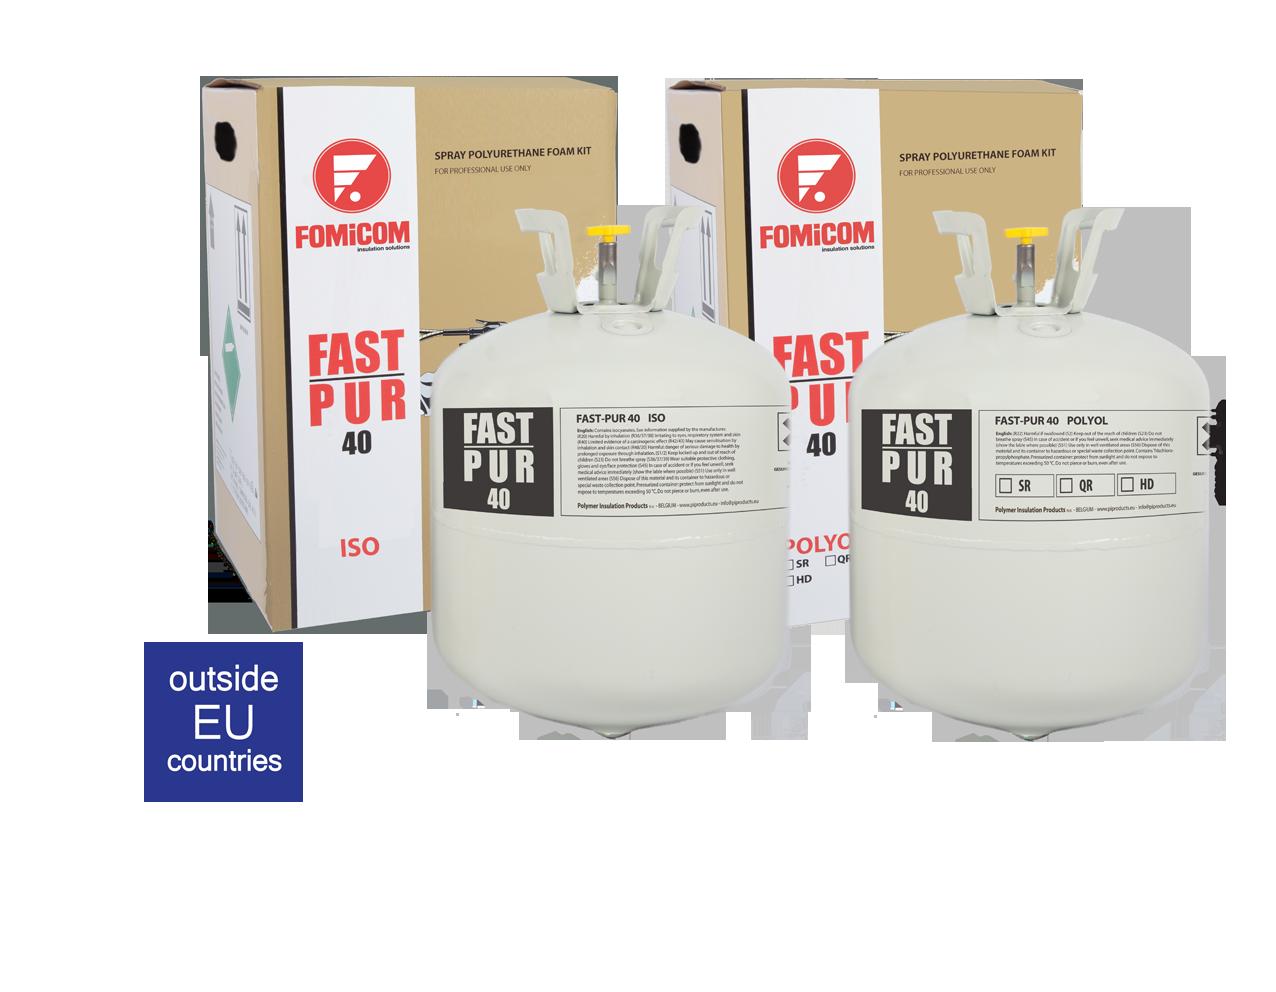 Fast-Pur 40 spray foam insulation